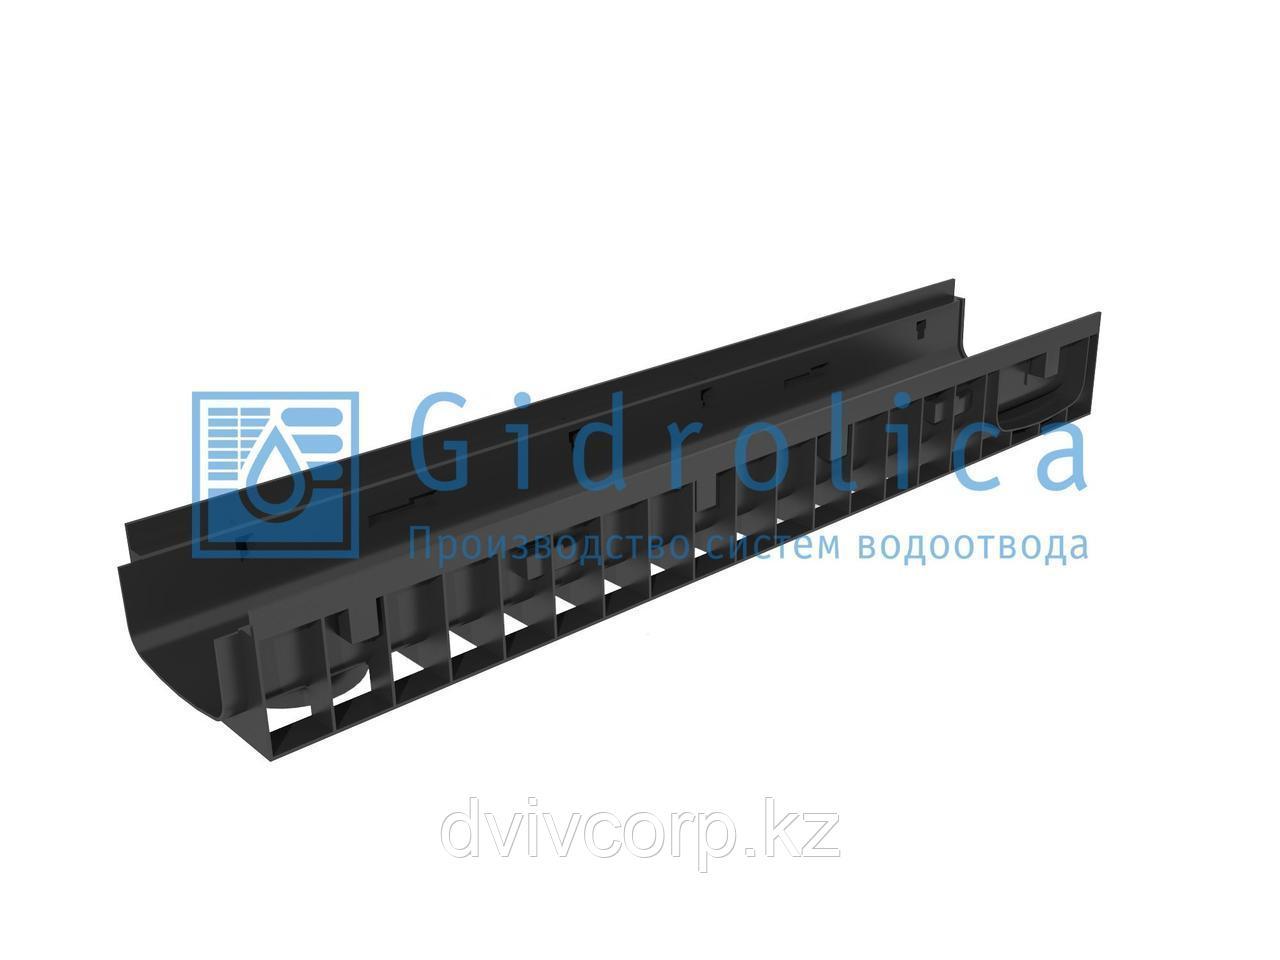 Арт. 815pro Лоток водоотводный Gidrolica Pro ЛВ-15.19,6.11,7 - пластиковый